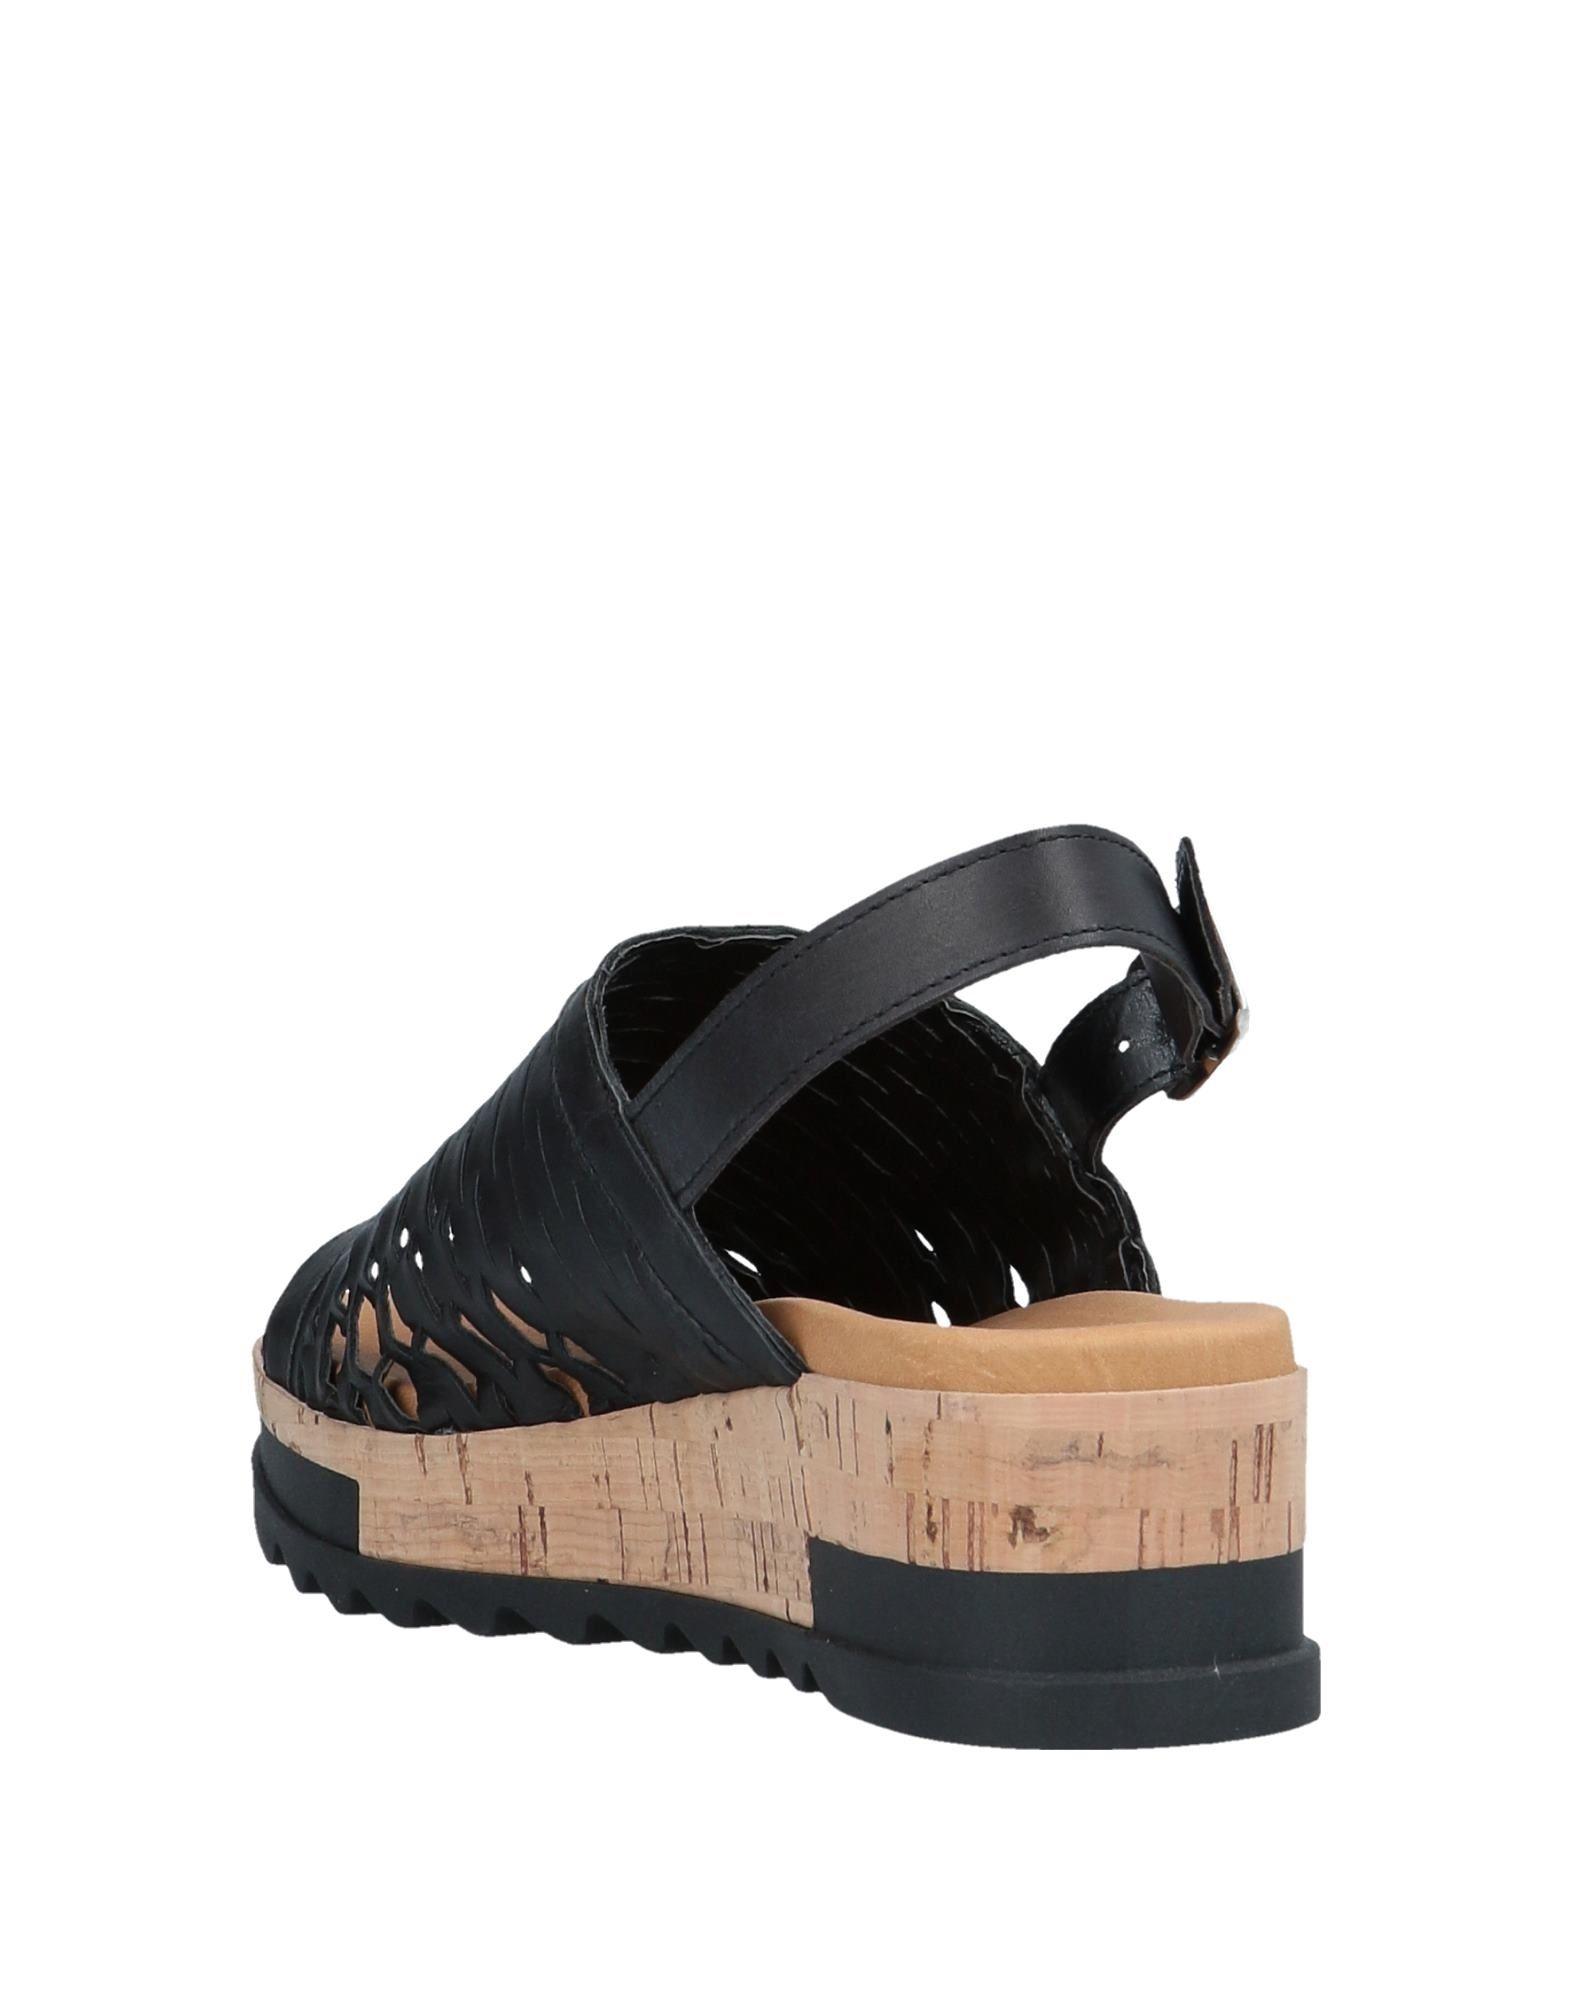 Piampiani Sandals - Women Piampiani Sandals Sandals Sandals online on  United Kingdom - 11571263QE 983f30